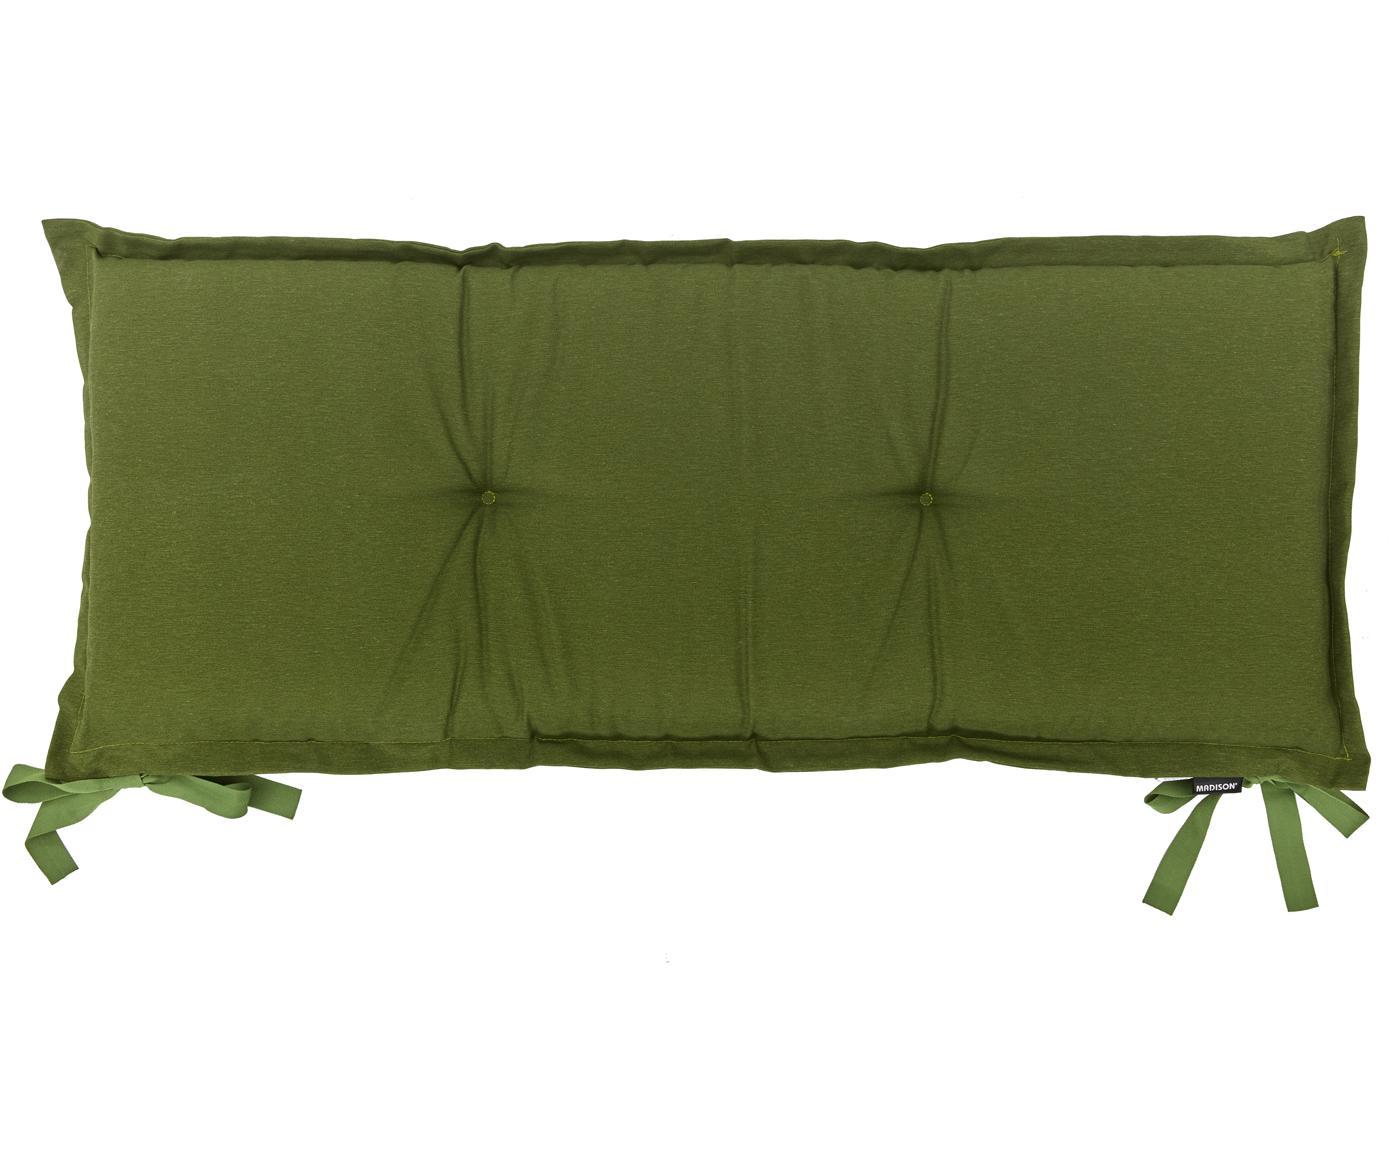 Bankkussen Panama, 50% katoen, 45% polyester, 5% andere vezels, Groen, 48 x 120 cm